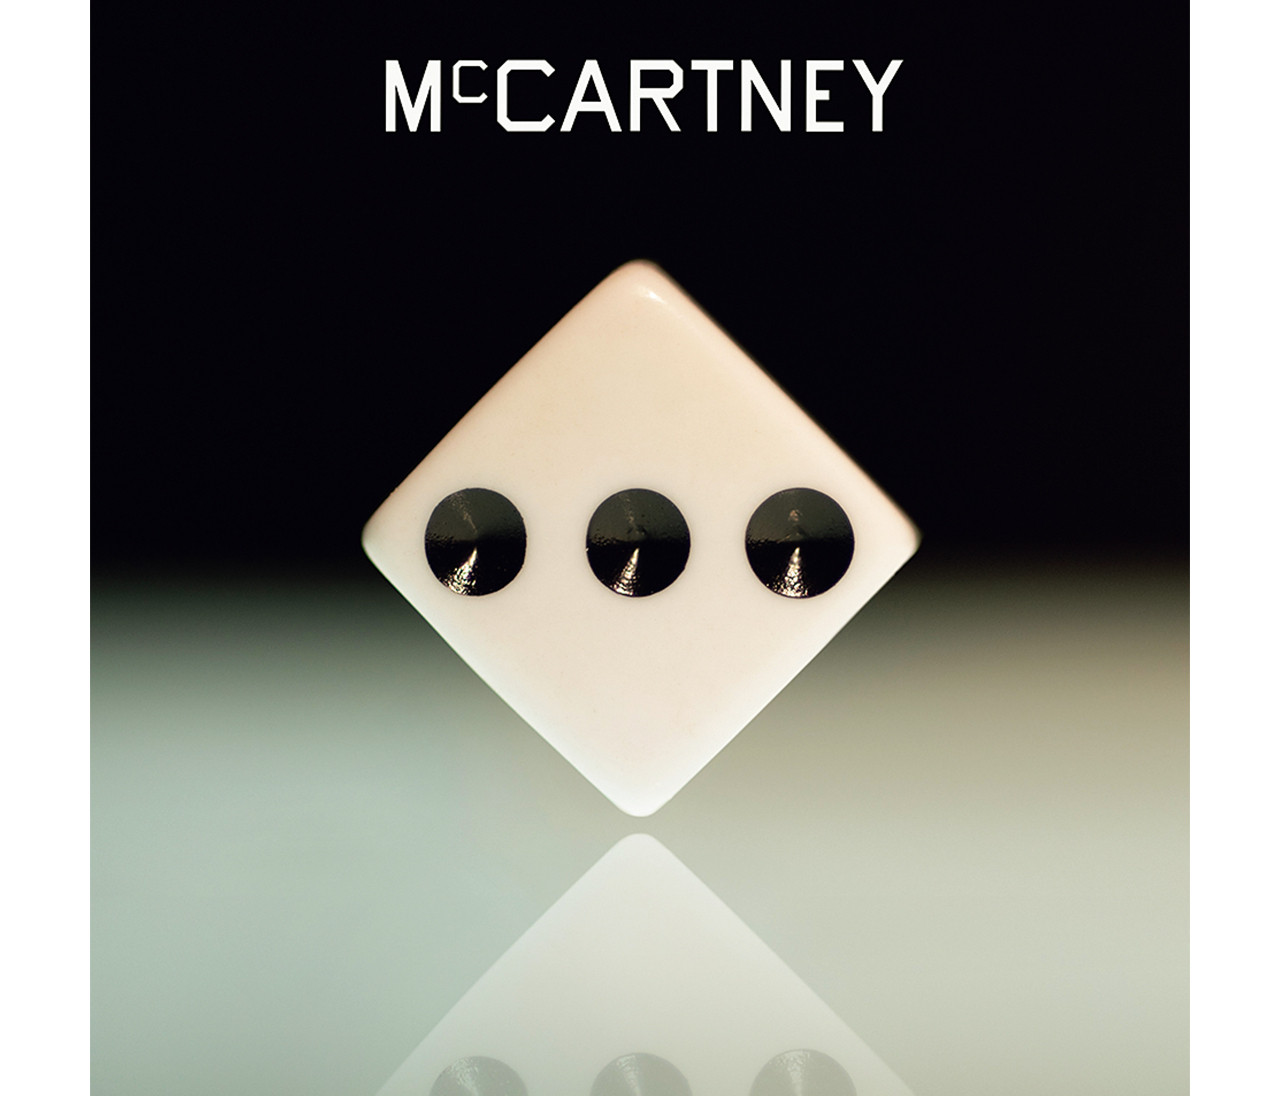 ポール・マッカートニーの名作の第3弾『マッカートニーⅢ』をレビュー!【30代のための音楽ナビ】